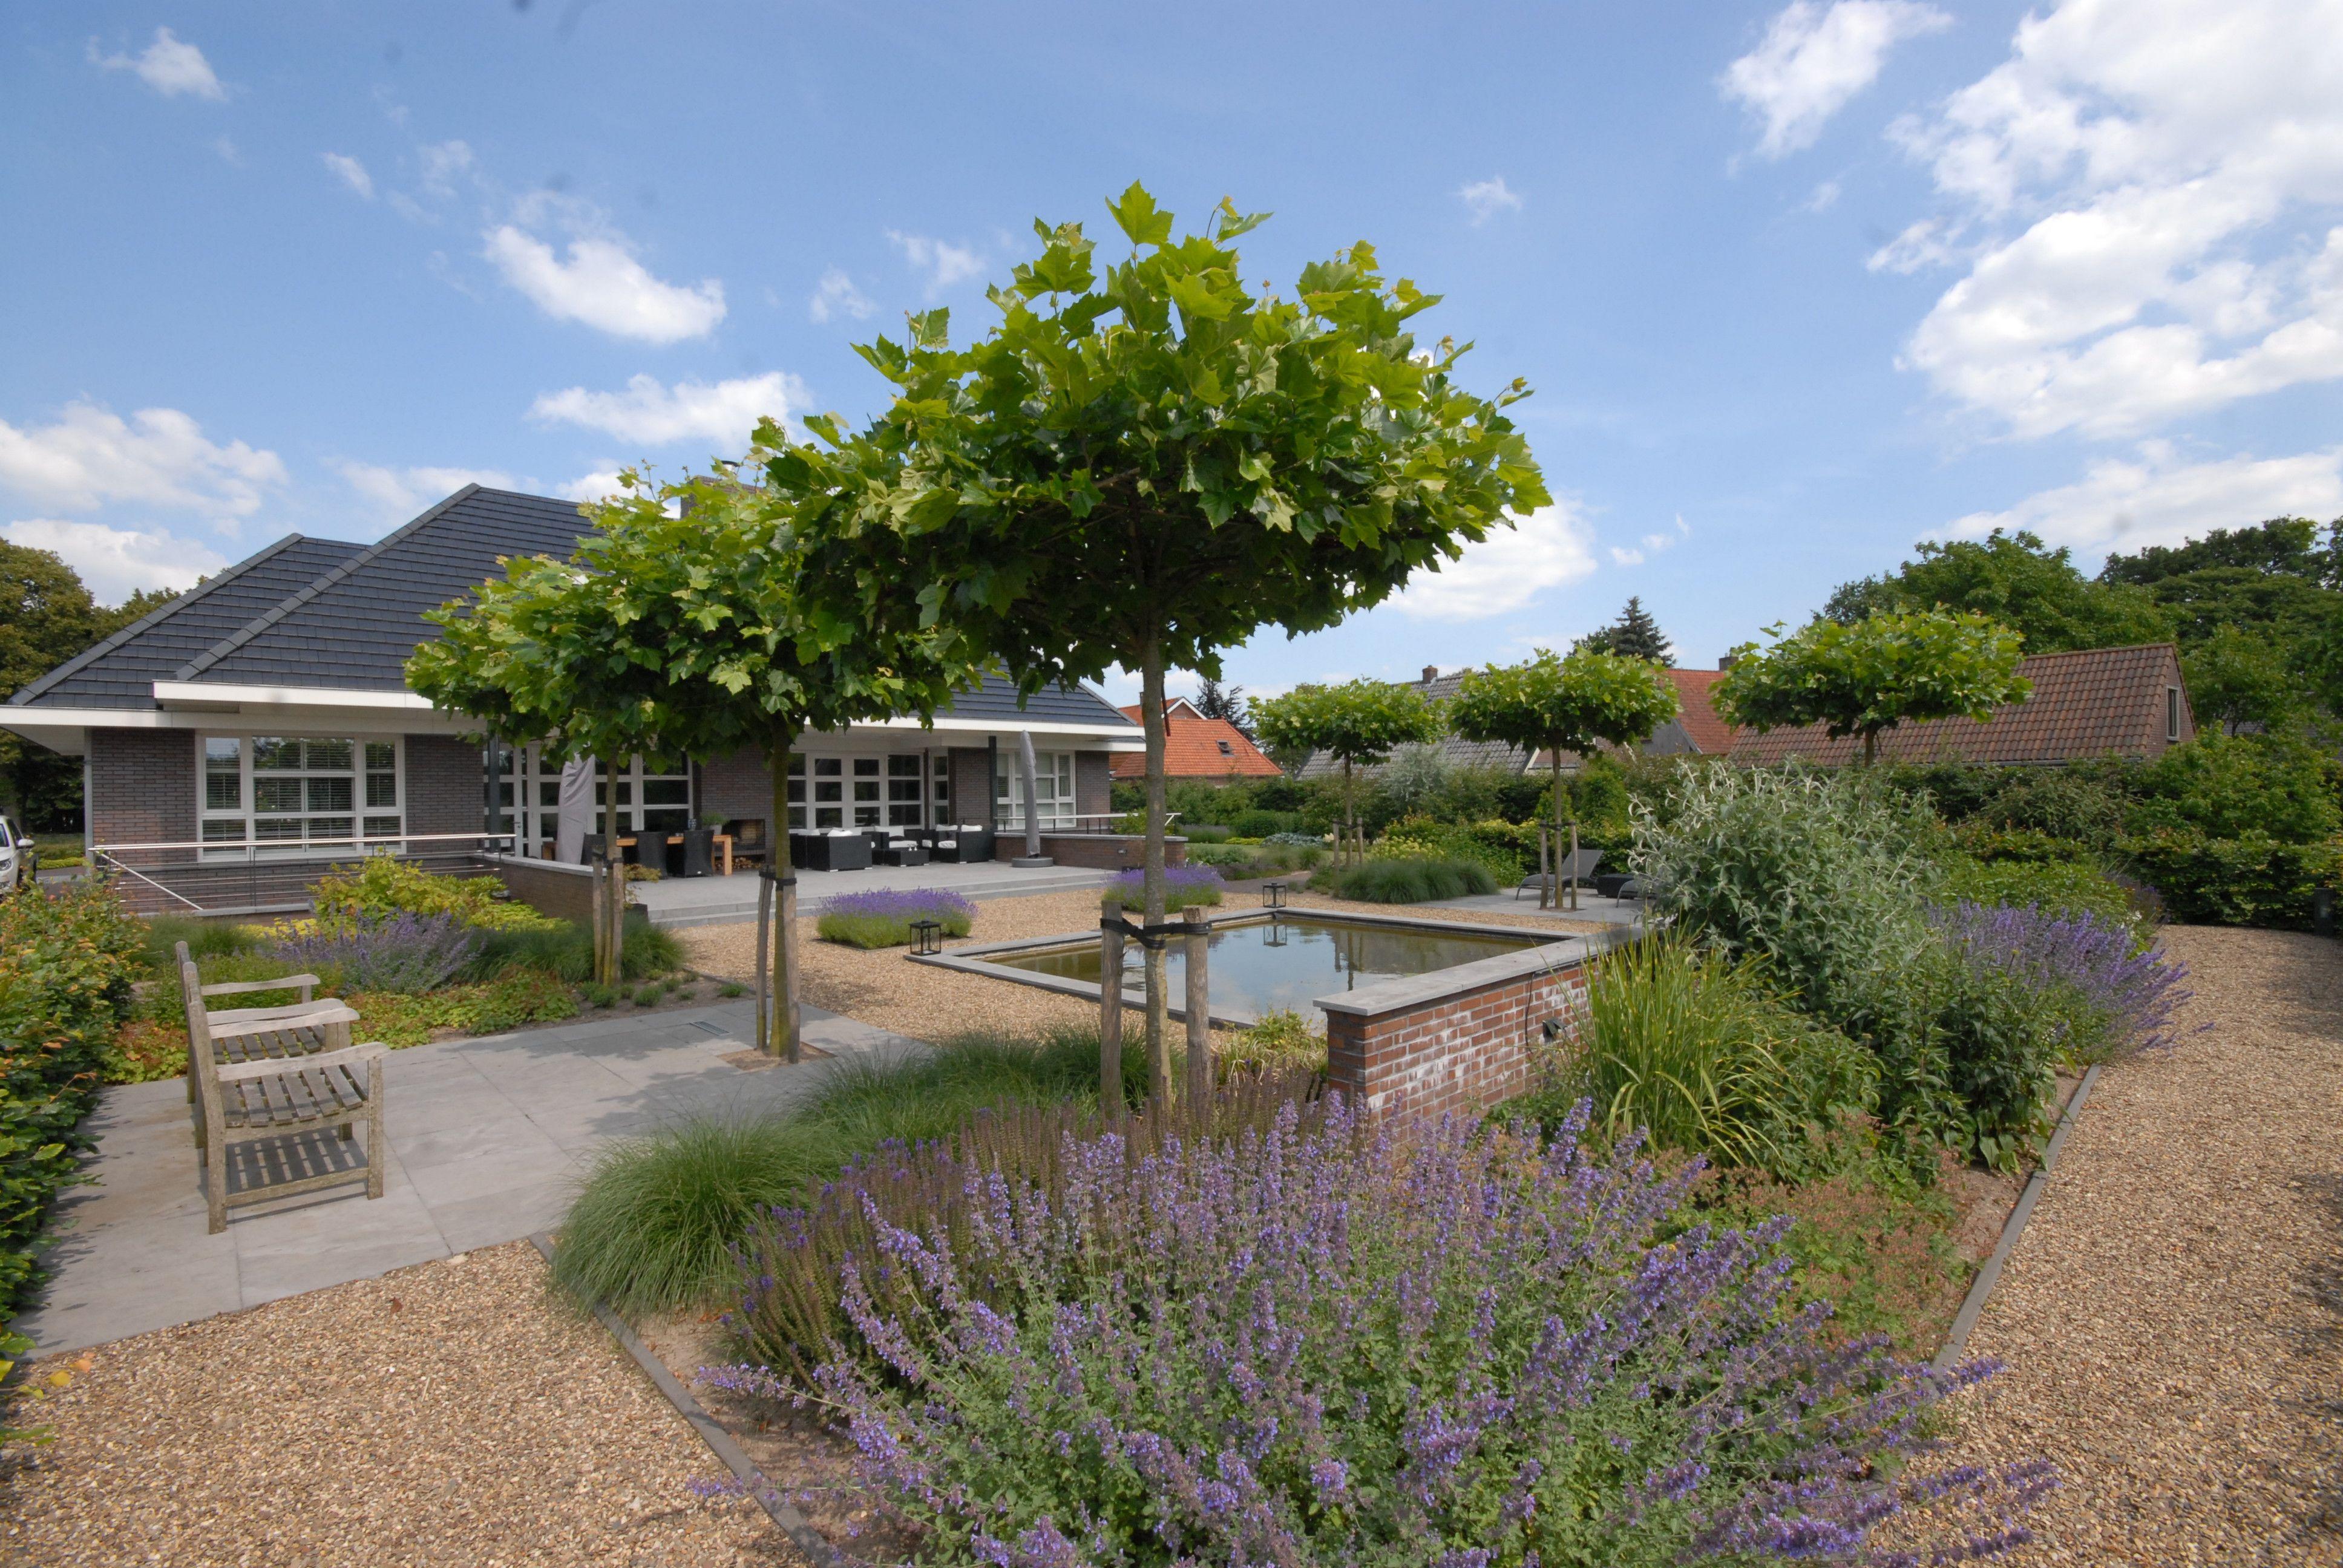 Grote Moderne Tuin : Grote tuin moderne tuin strakke lijnen zichtlijnen dakplatanen